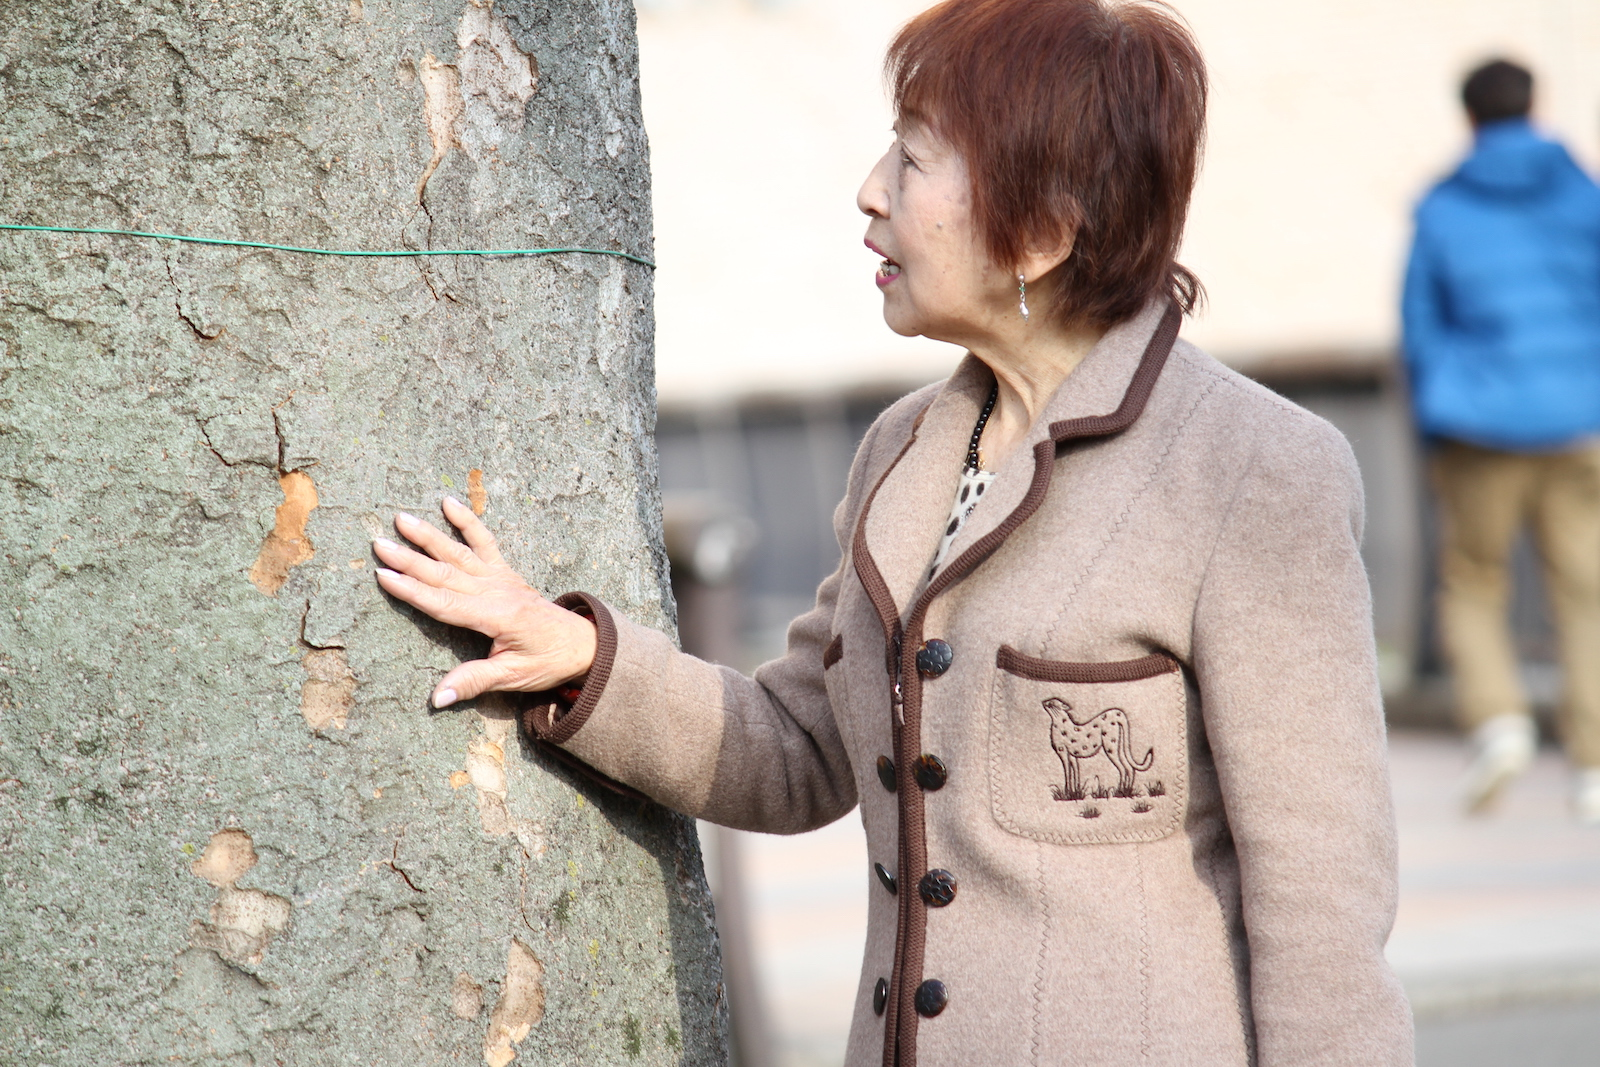 木と会話できるおばあちゃん,シニア,写真,画像,素材,老人,高齢者,フリー